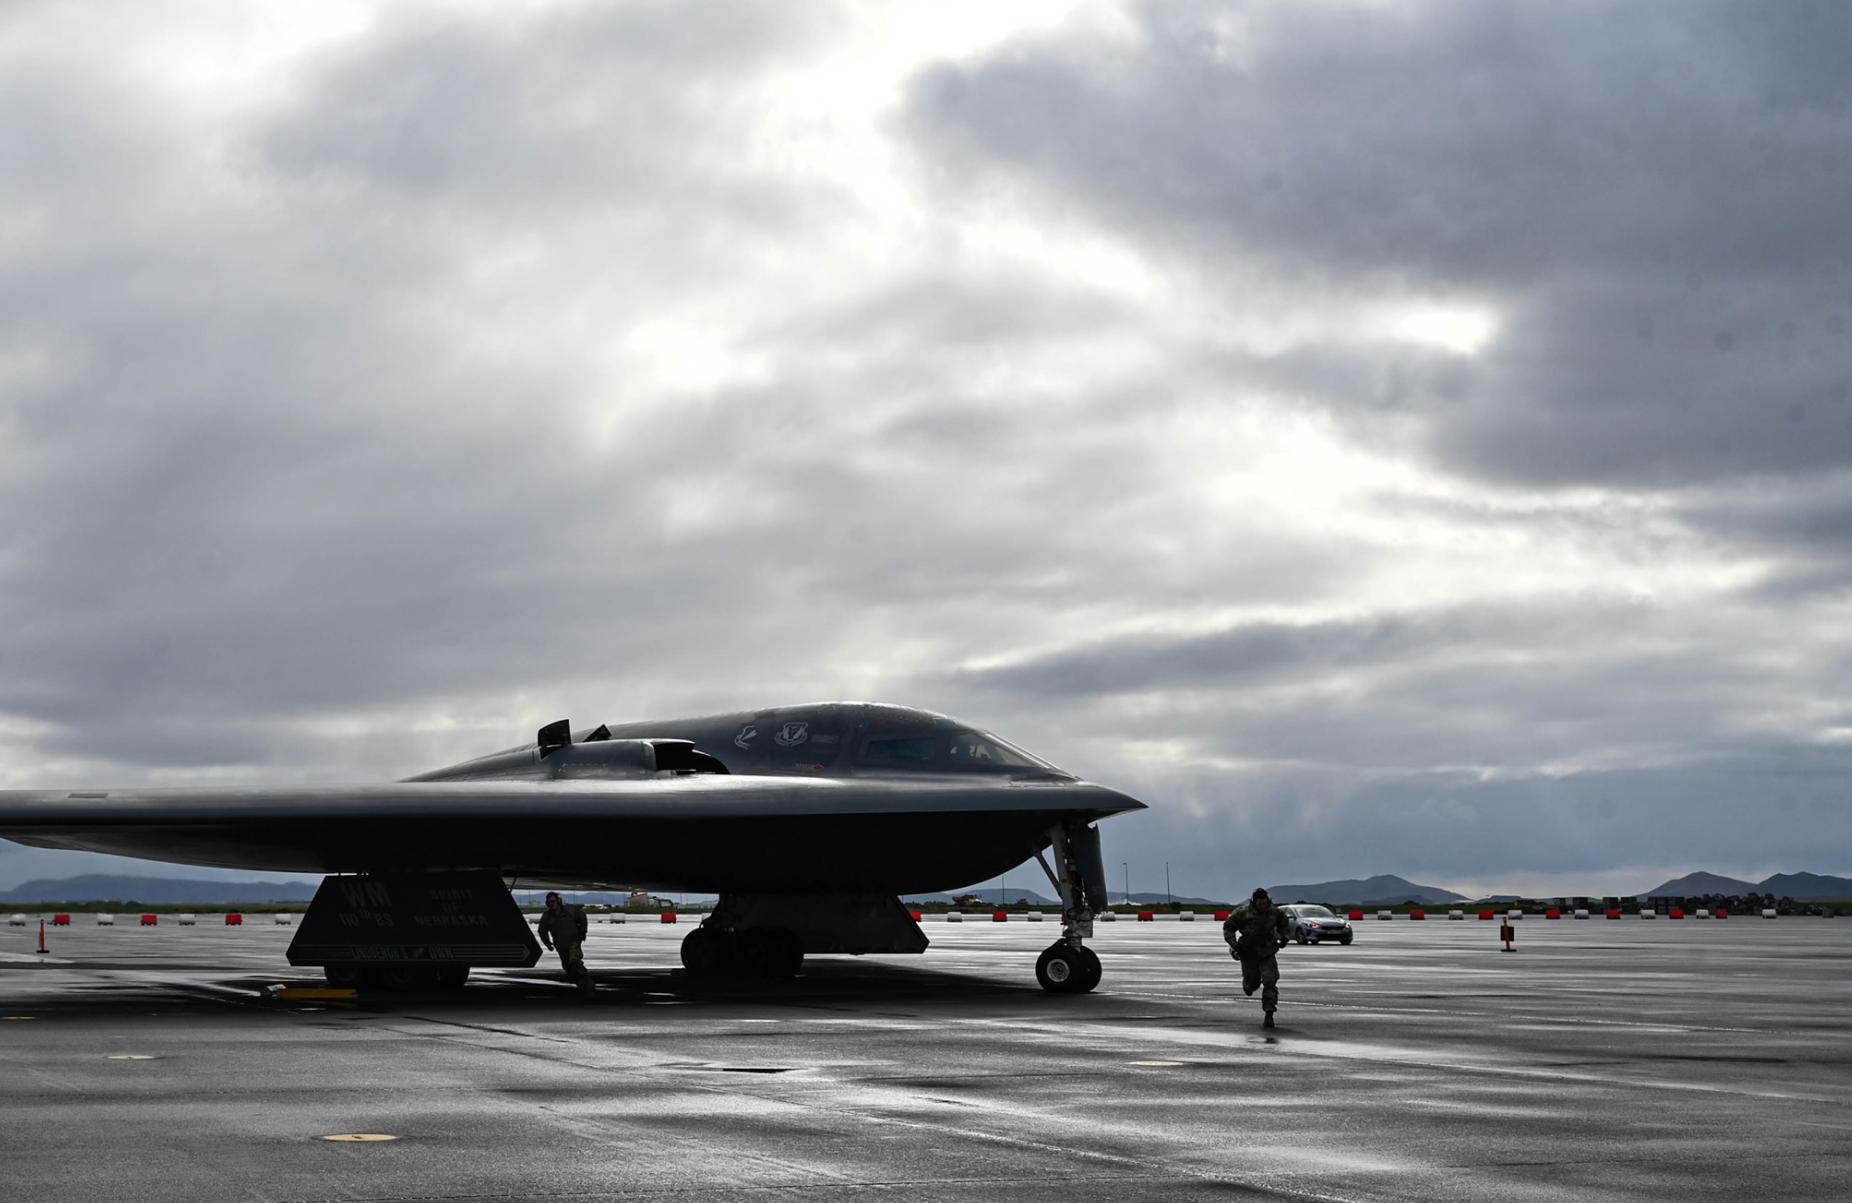 怀特曼空军基地的B2,不清楚是不是同一架 图源:美国空军全球打击司令部(AFGSC)